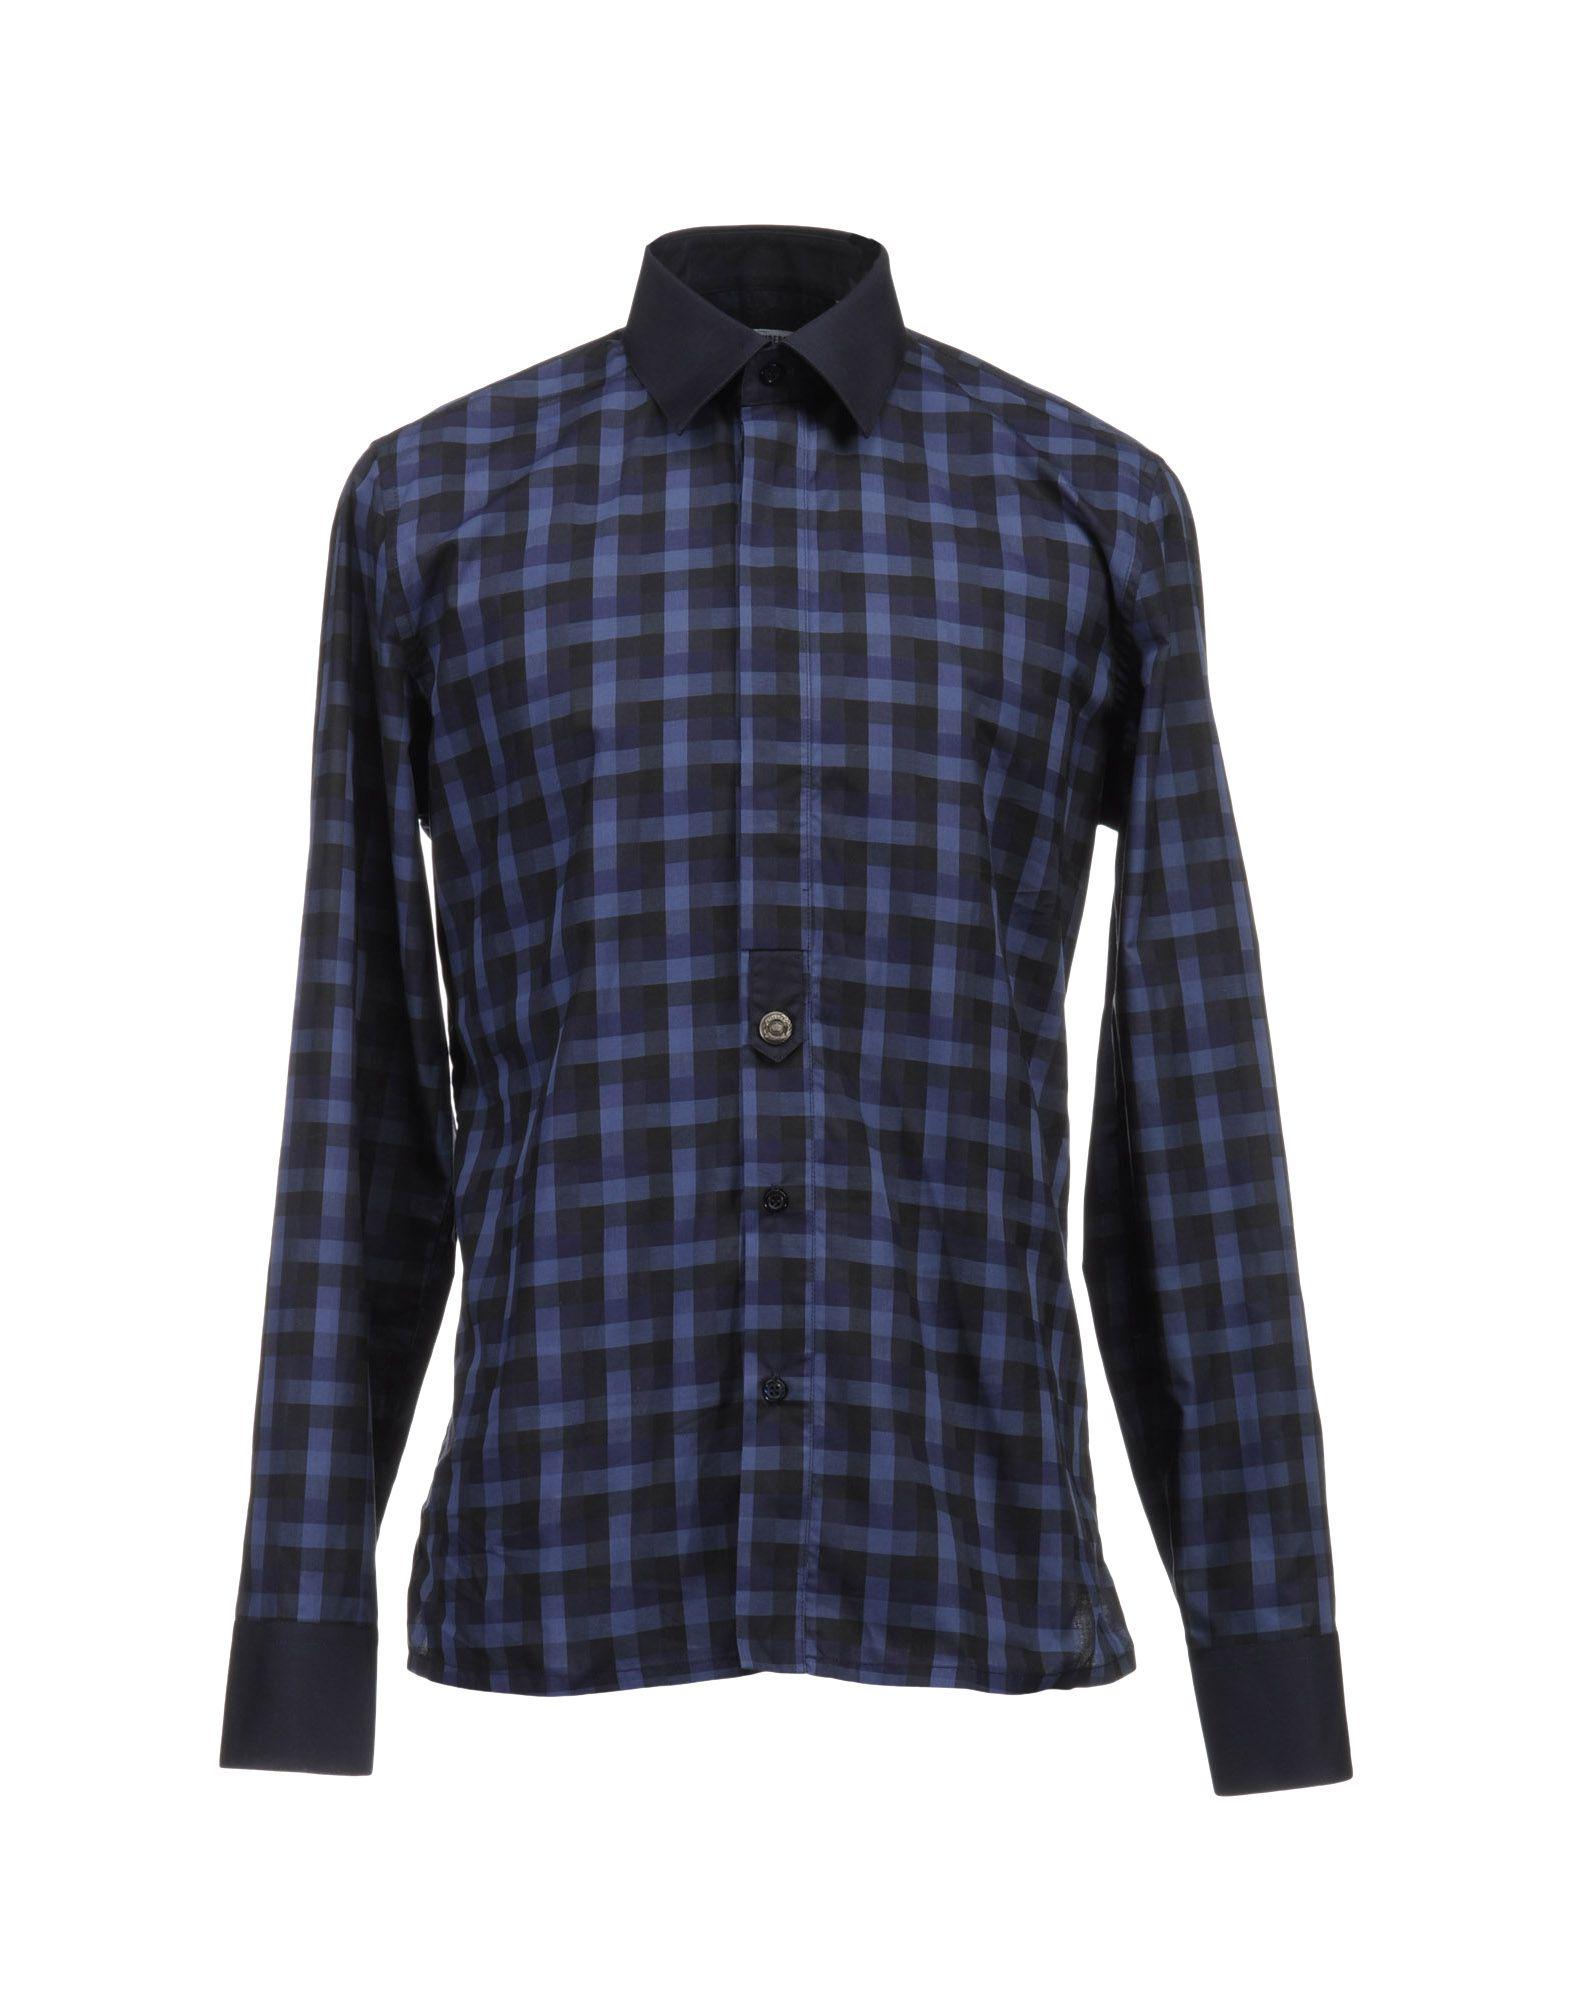 BIKKEMBERGS Рубашка с длинными рукавами джинсы bikkembergs c q 61b fj s b093 033b